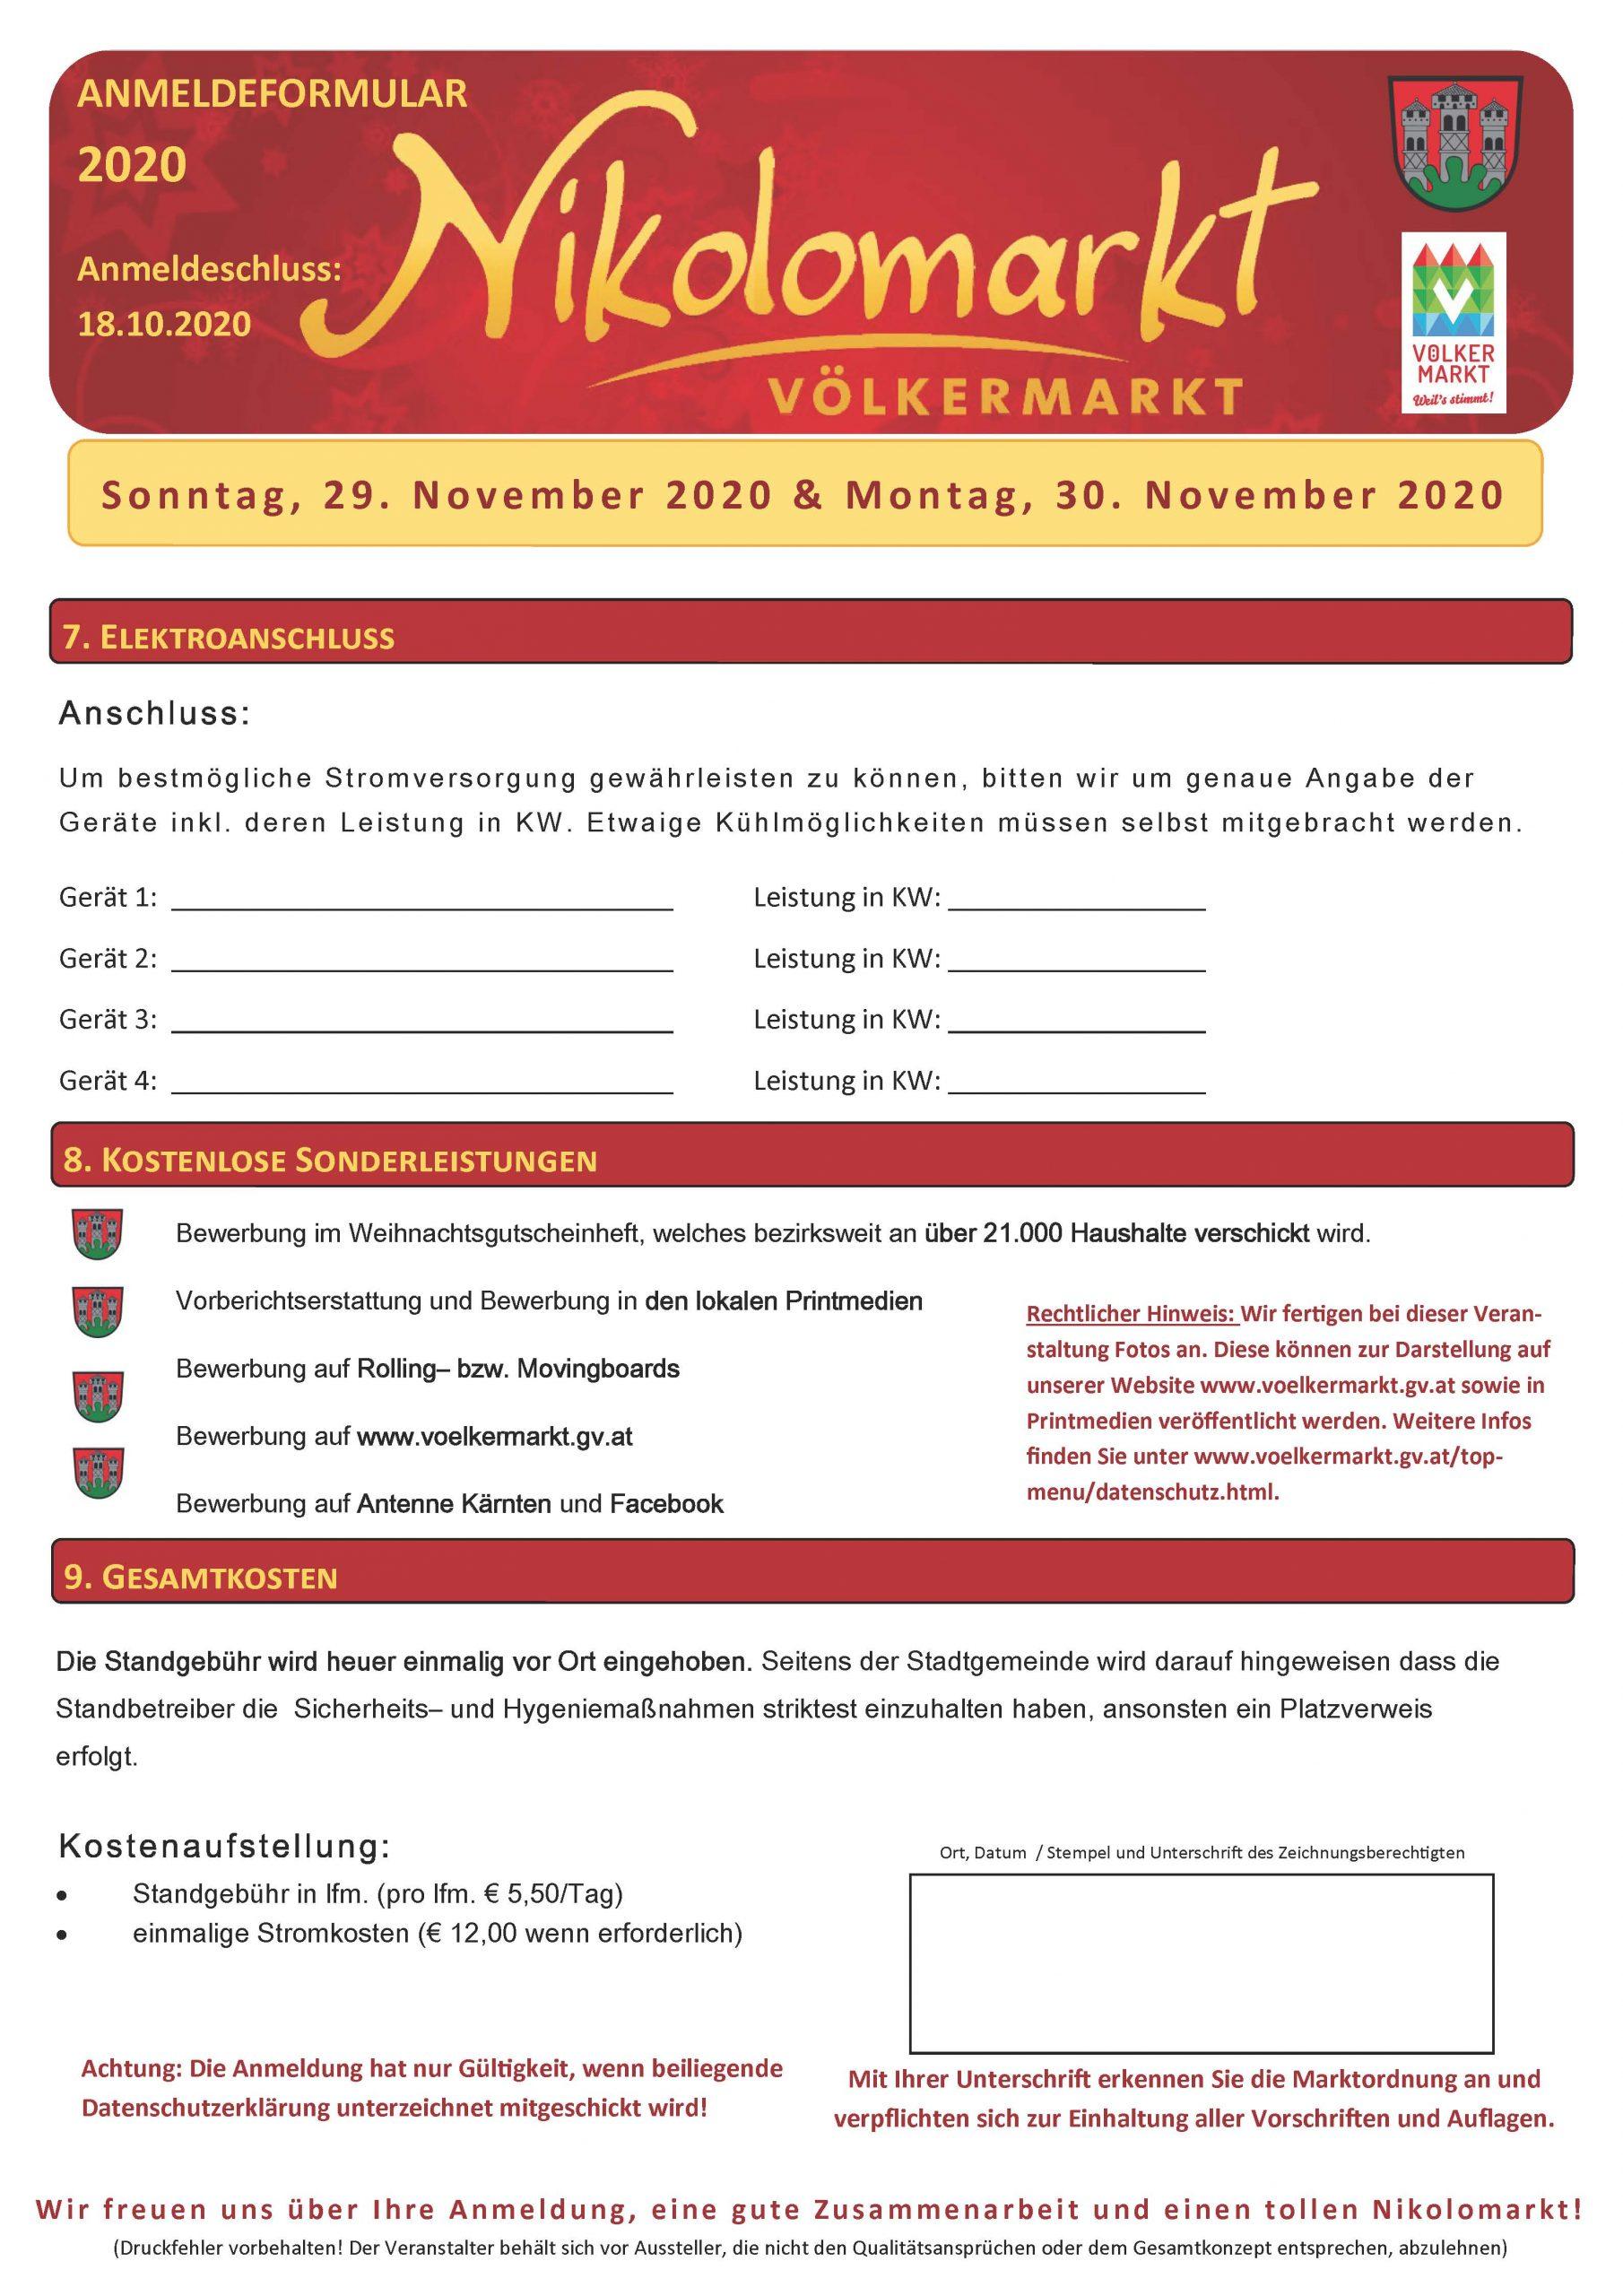 Nikolomarkt-2020-Anmeldeformular_Seite_2